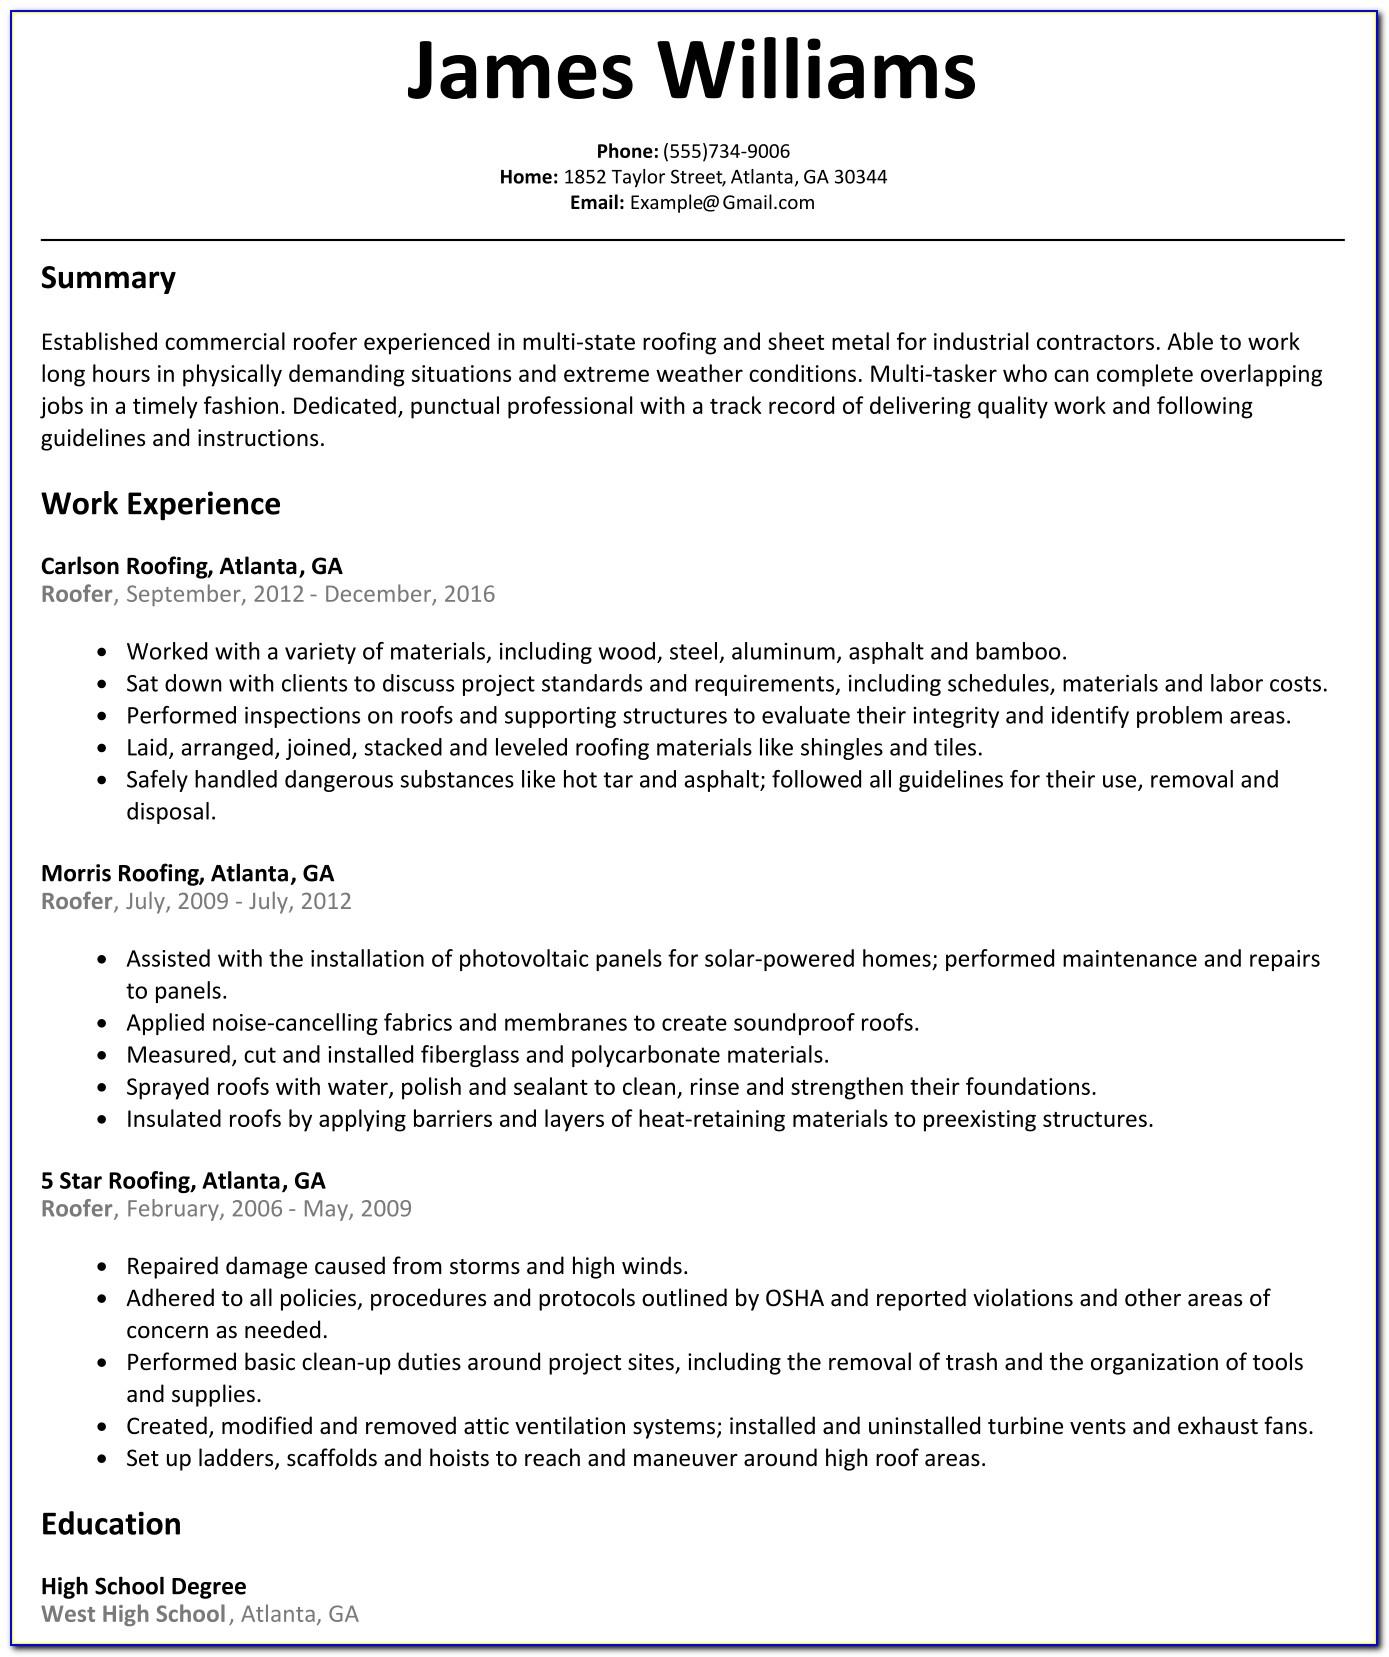 Free Online Resume Maker Australia